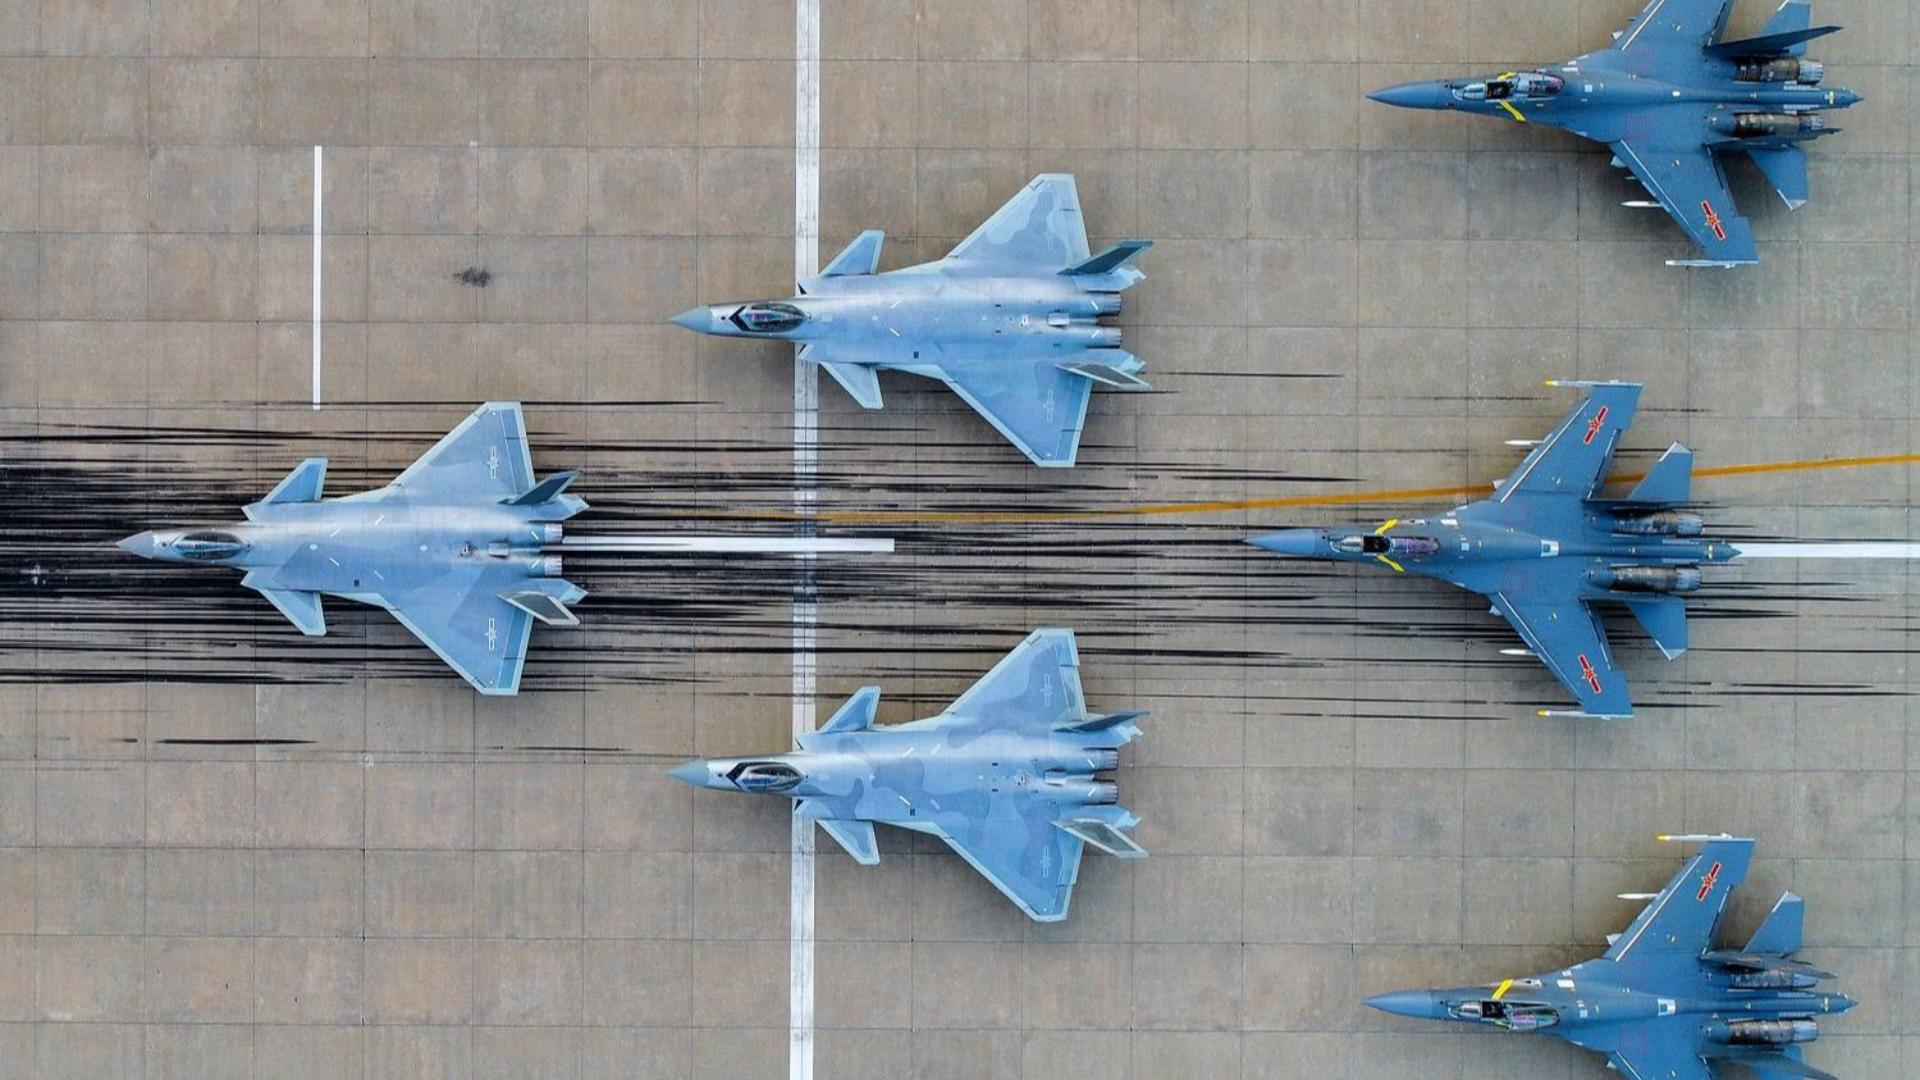 军媒曝空军神秘部队:金头盔王牌配最先进战机,打法极具侵略性